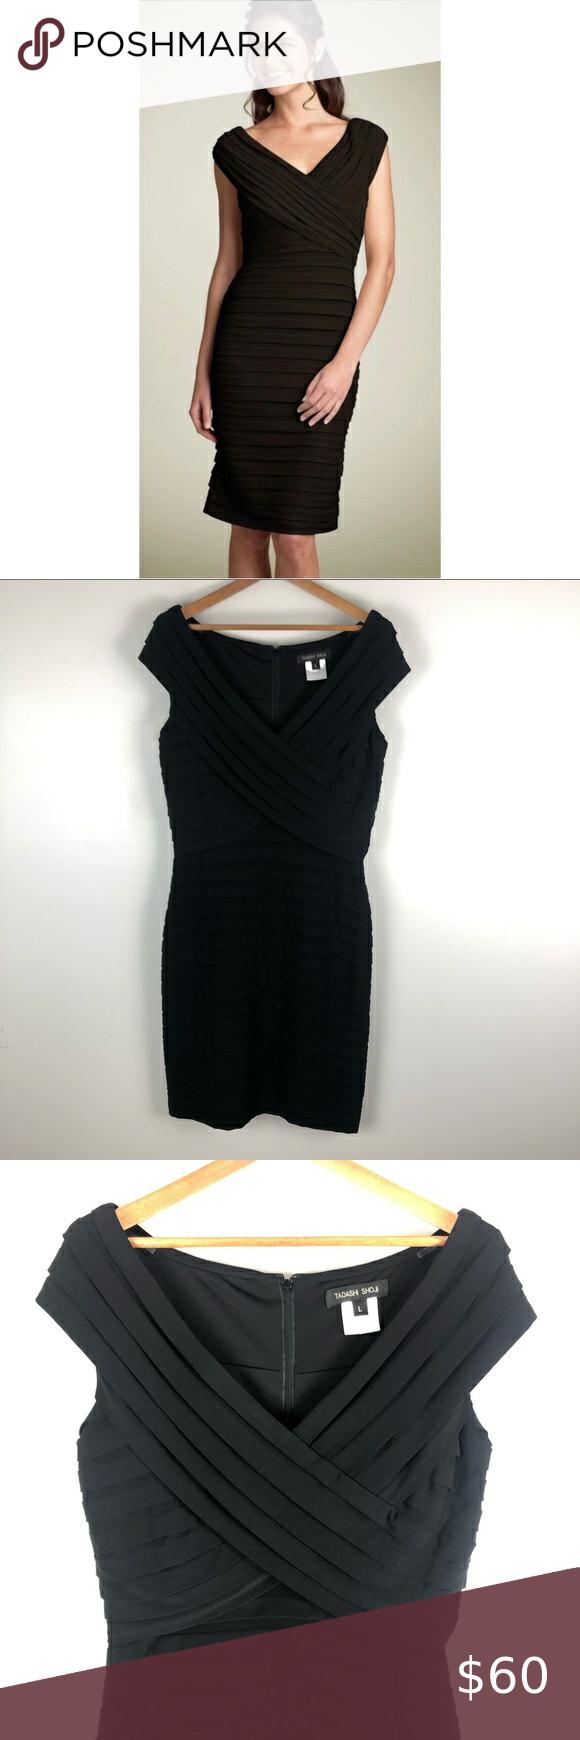 Tadashi Shoji Black Bandage Dress 0689 Bandage Dress Black Bandage Dress Tadashi Shoji Dresses [ 1740 x 580 Pixel ]